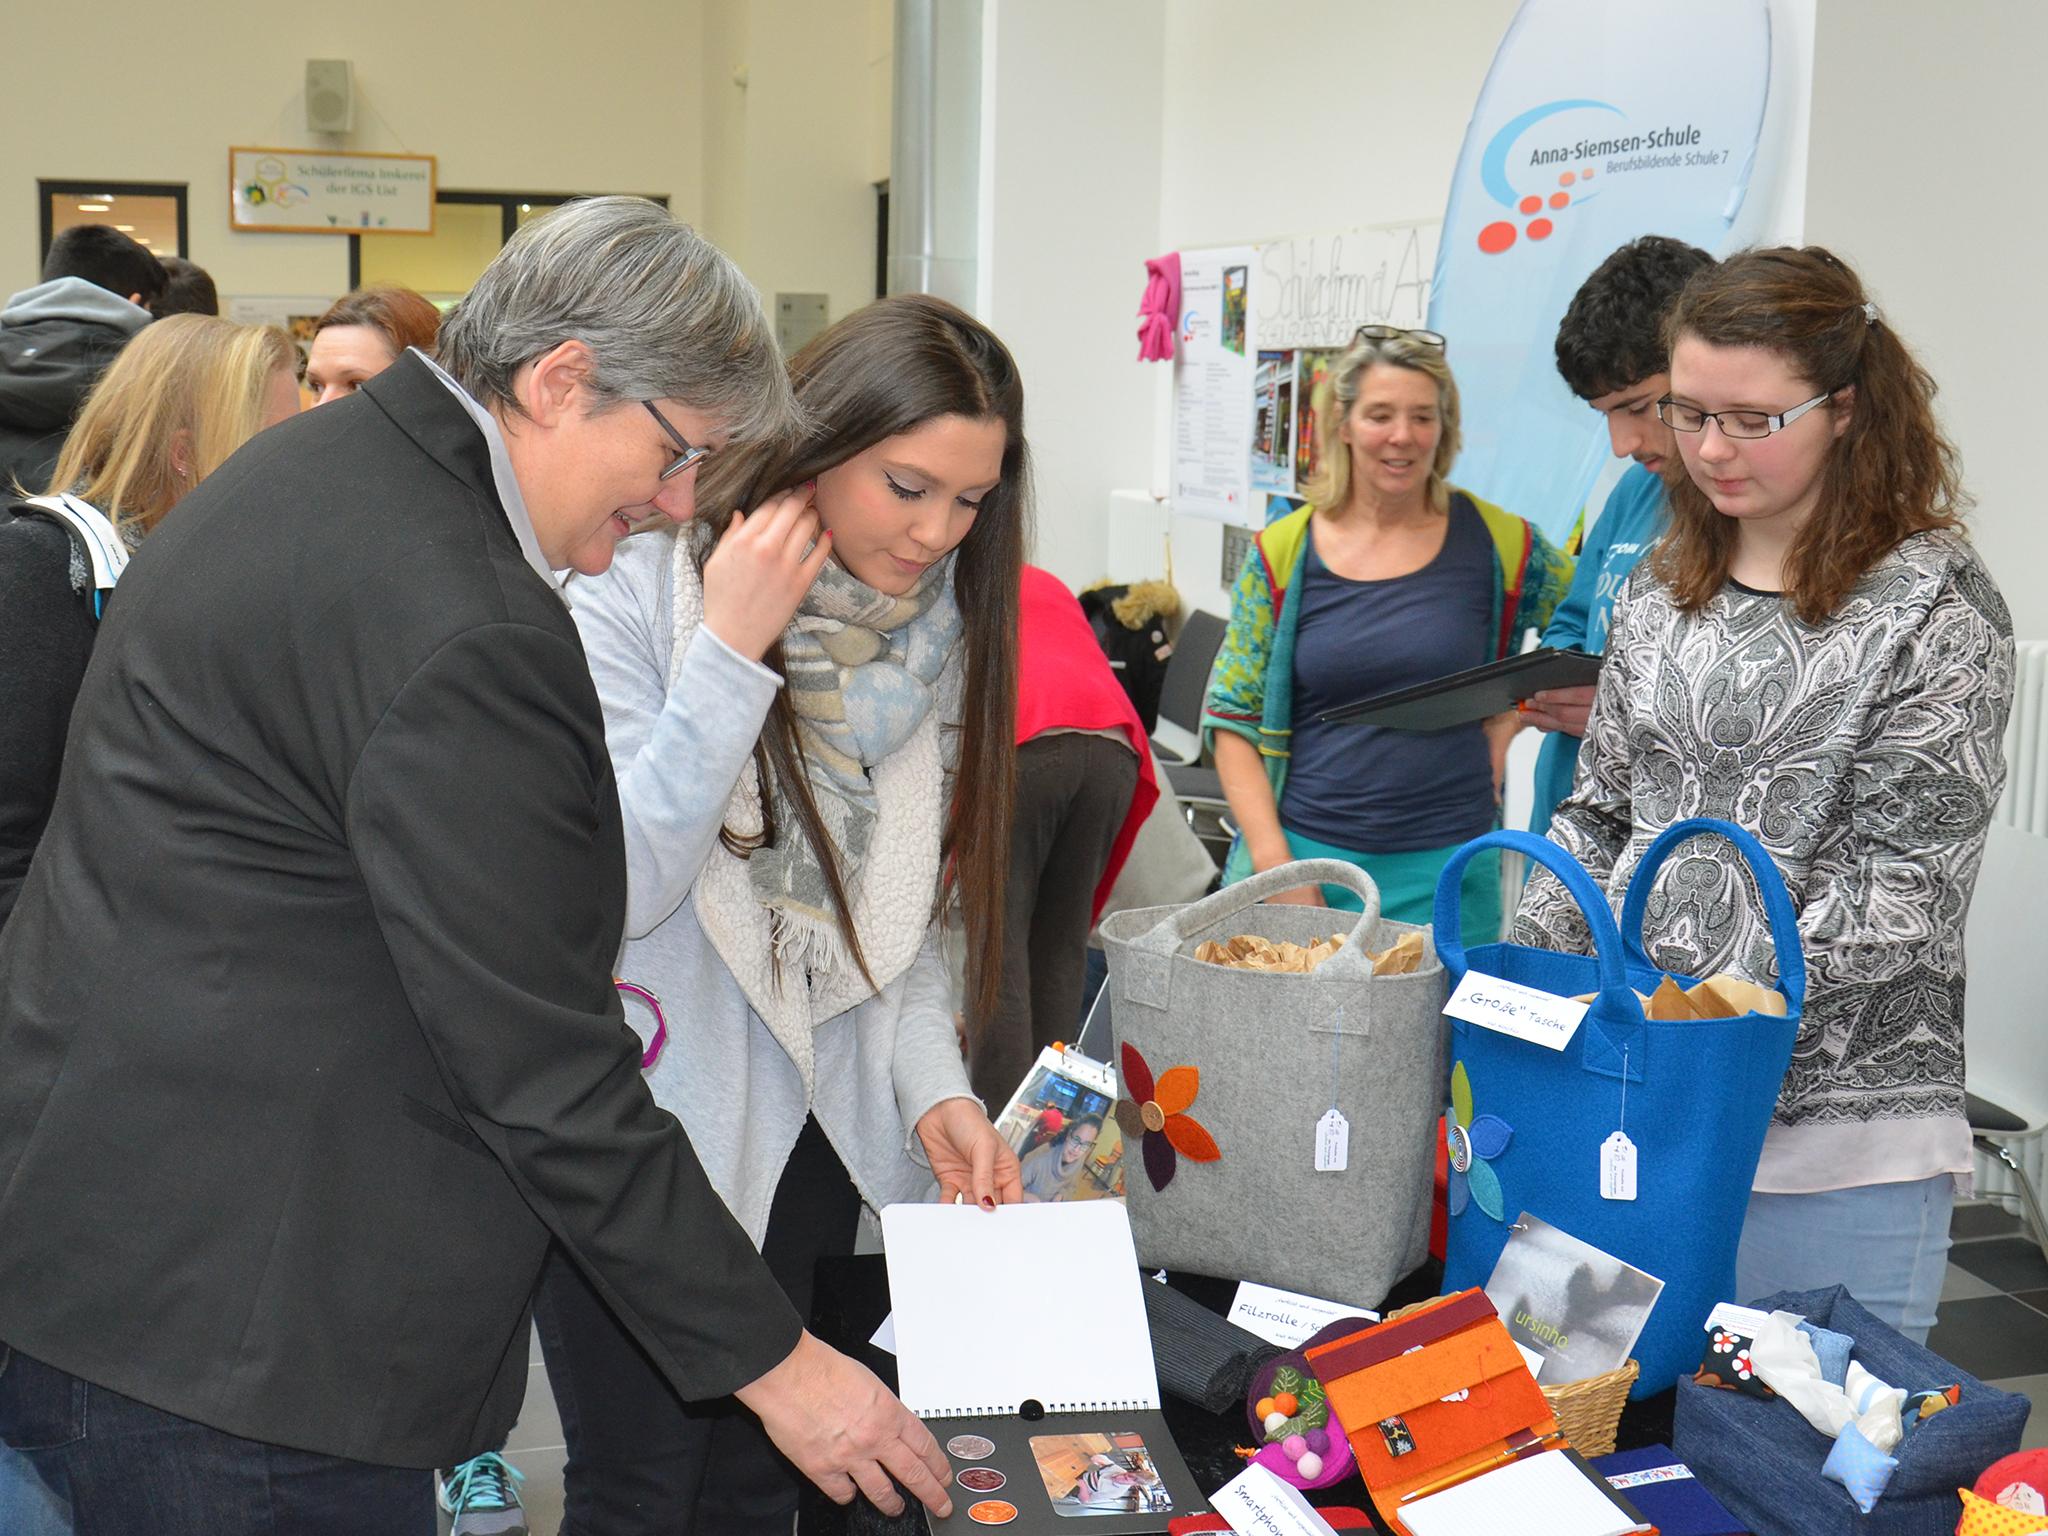 Auch Umwelt- und Wirtschaftsdezernentin Sabine Tegtmeyer-Dette stöberte durch die Angebote der Schülerfirmen